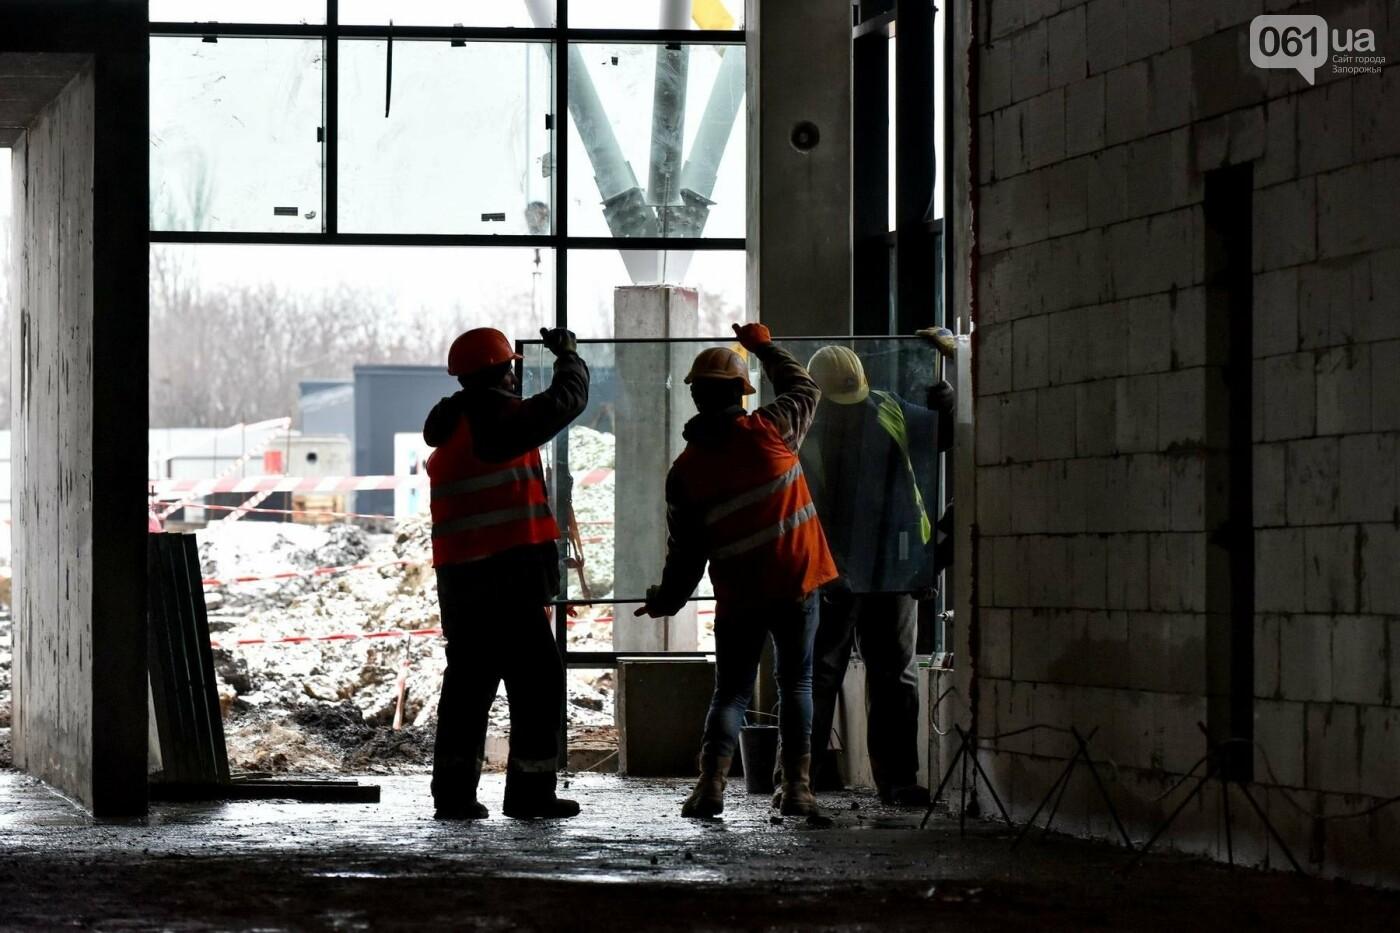 Запорожский аэропорт возьмет кредит на строительство терминала и прогнозирует увеличение пассажиропотока до одного миллиона, — ФОТОРЕПОРТАЖ, фото-14